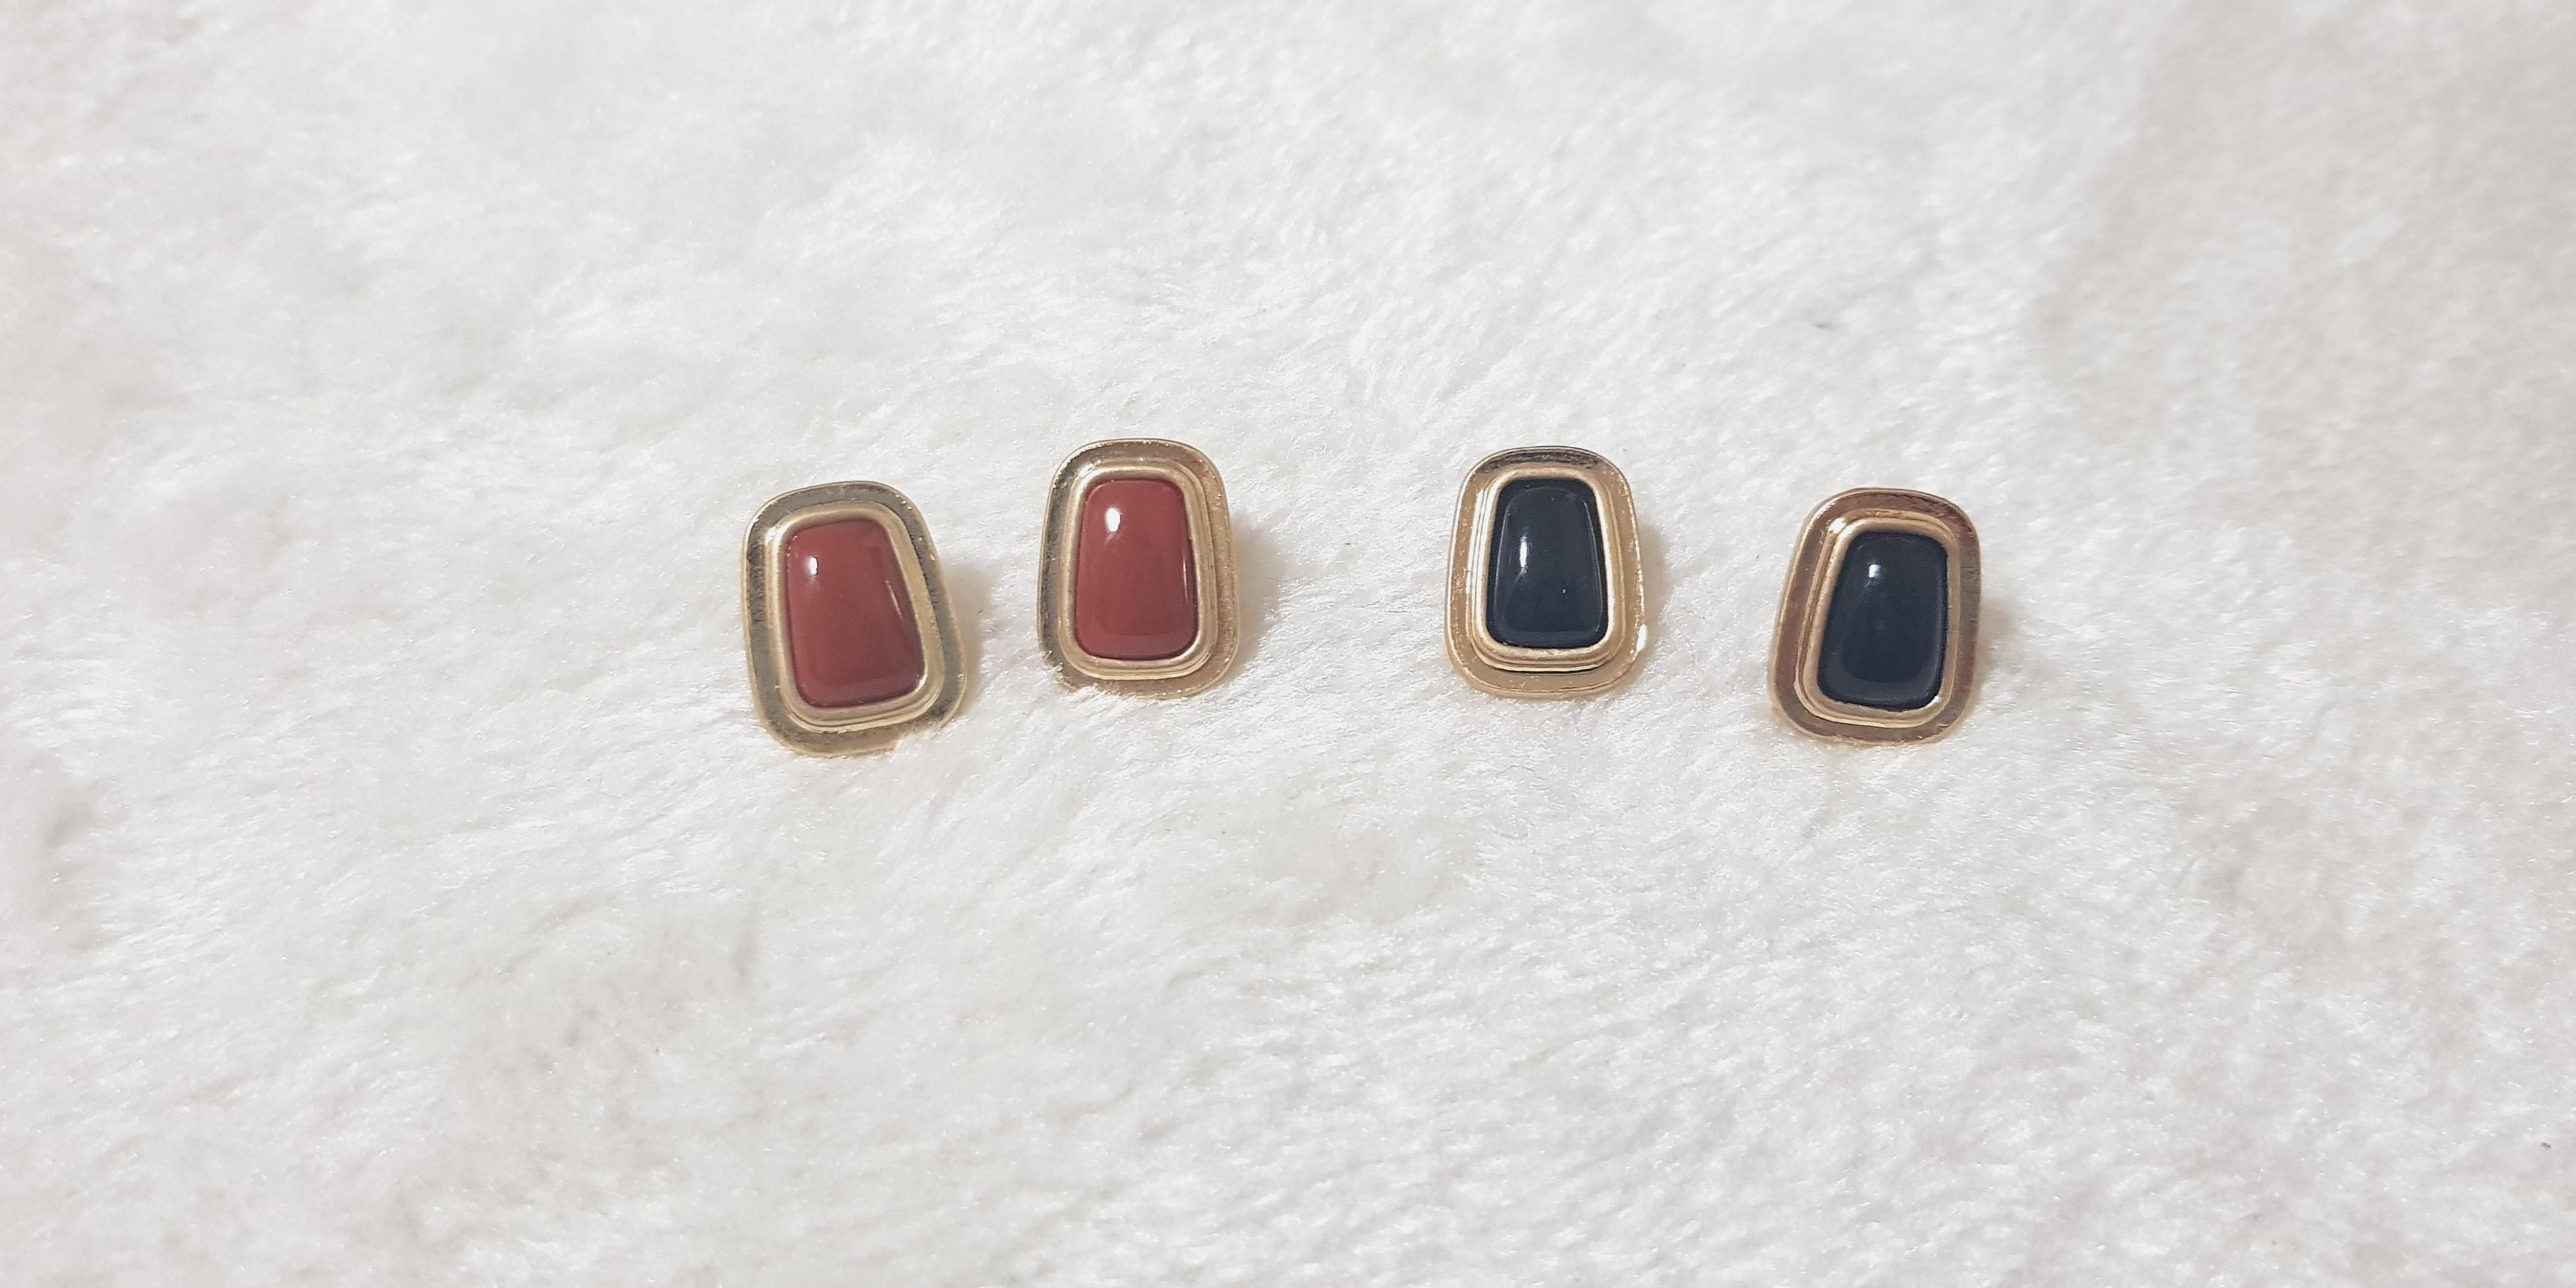 cff202d3e Kr Hera Stud Earrings, Women's Fashion, Jewellery, Earrings on Carousell